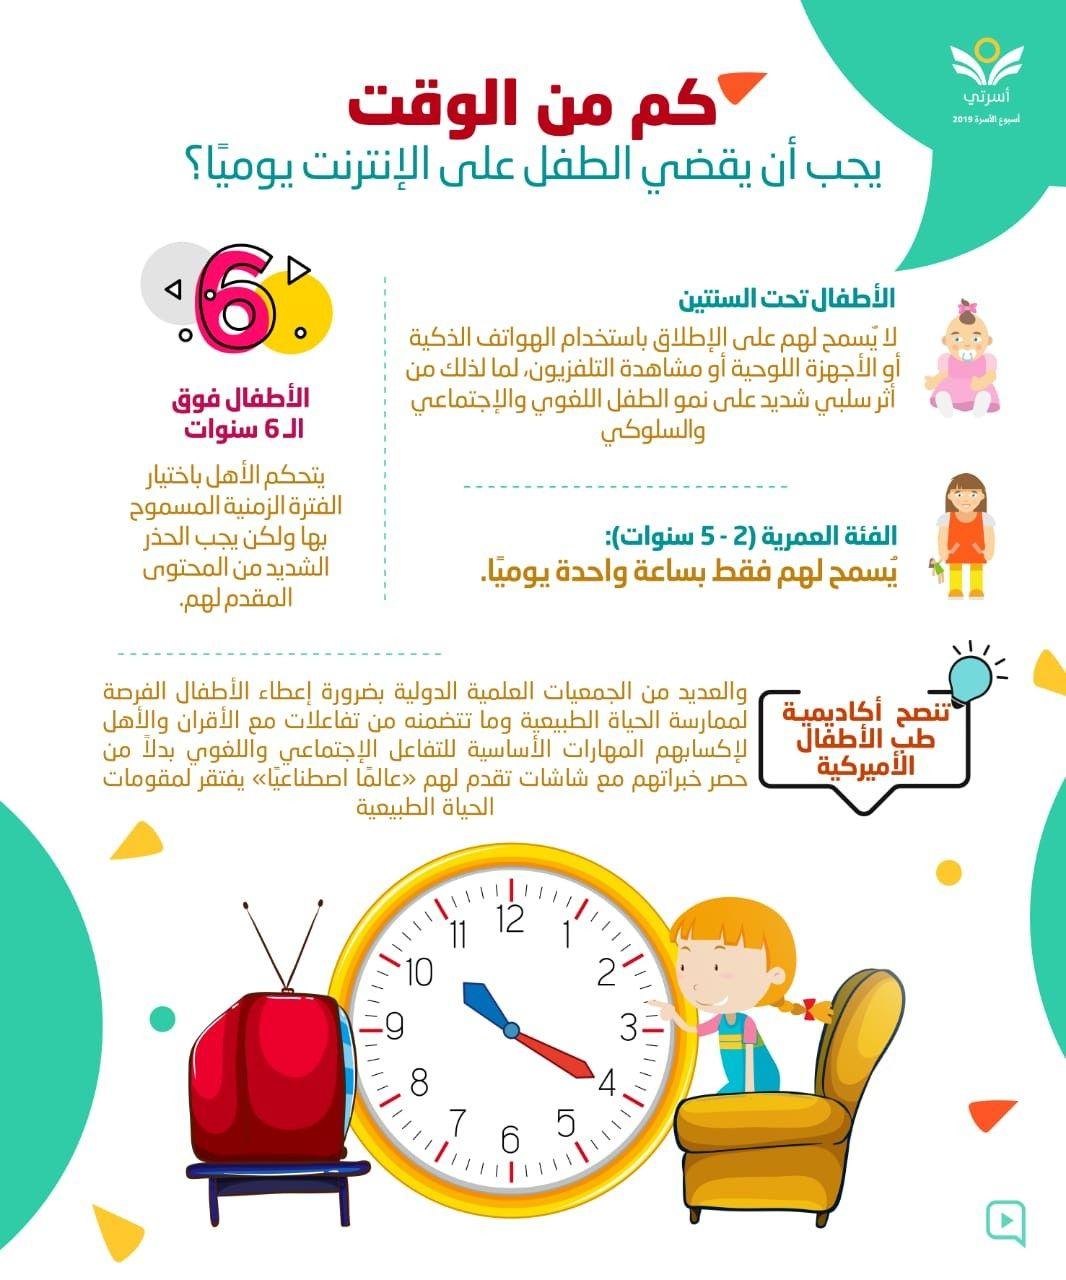 الوقت المناسب للأطفال على الإنترنت Relationship Map